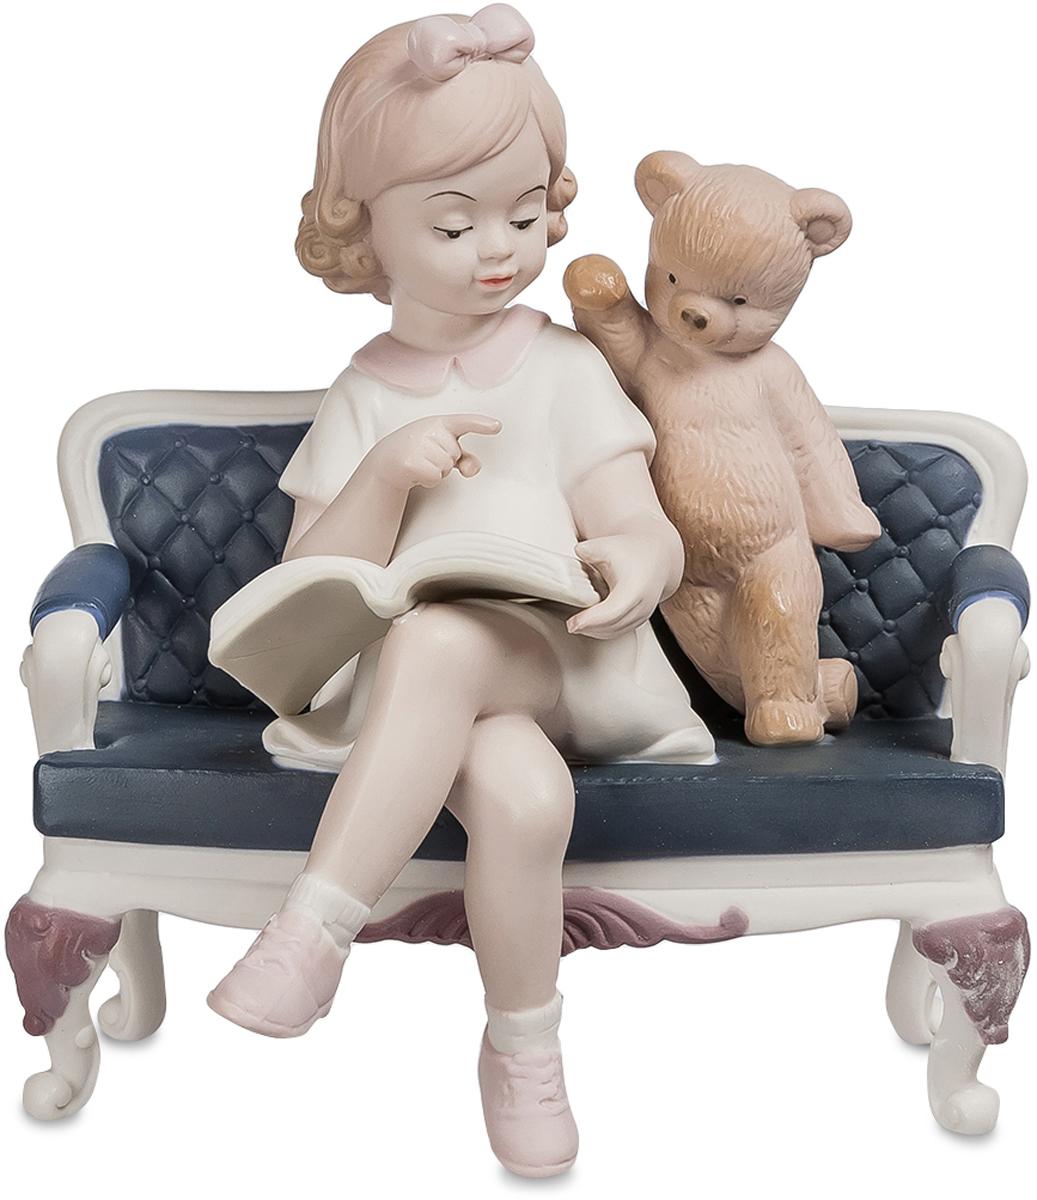 Статуэтка Pavone Любимое занятие. JP-42/2510850/1W GOLD IVORYФигурка Девочки. Тем, у кого в детстве было любимое занятие, крупно повезло: увлеченность и умение концентрироваться, желание достигать результатов воспитываются в раннем возрасте. Девочке, которую изобразили создатели фарфоровой статуэтки Любимое занятие, повезло: каждая минута ее детской жизни наполнена смыслом.Девочка расположилась на венской скамеечке, на ее коленях – открытая книга. Судя по выражению лица и принятой позе, она отлично знакома с ее содержанием, и готова объяснить написанное плюшевому медведю, пристроившемуся у ее левого плеча. Медведь пока не разобрался во всем, но сосредоточен и прилежен. Спокойствие и хладнокровие юного создания, высоко поднятые брови делают девочку похожей на медсестру Гнуссен из фильма Пролетая над гнездом кукушки. Будем надеяться, что со временем она станет школьным учителем.Какую именно профессию выберет фарфоровая девчушка, нам неизвестно. Но вы узнаете об этом первыми, если приобретете фигурку и украсите ей детскую комнату или кабинет.